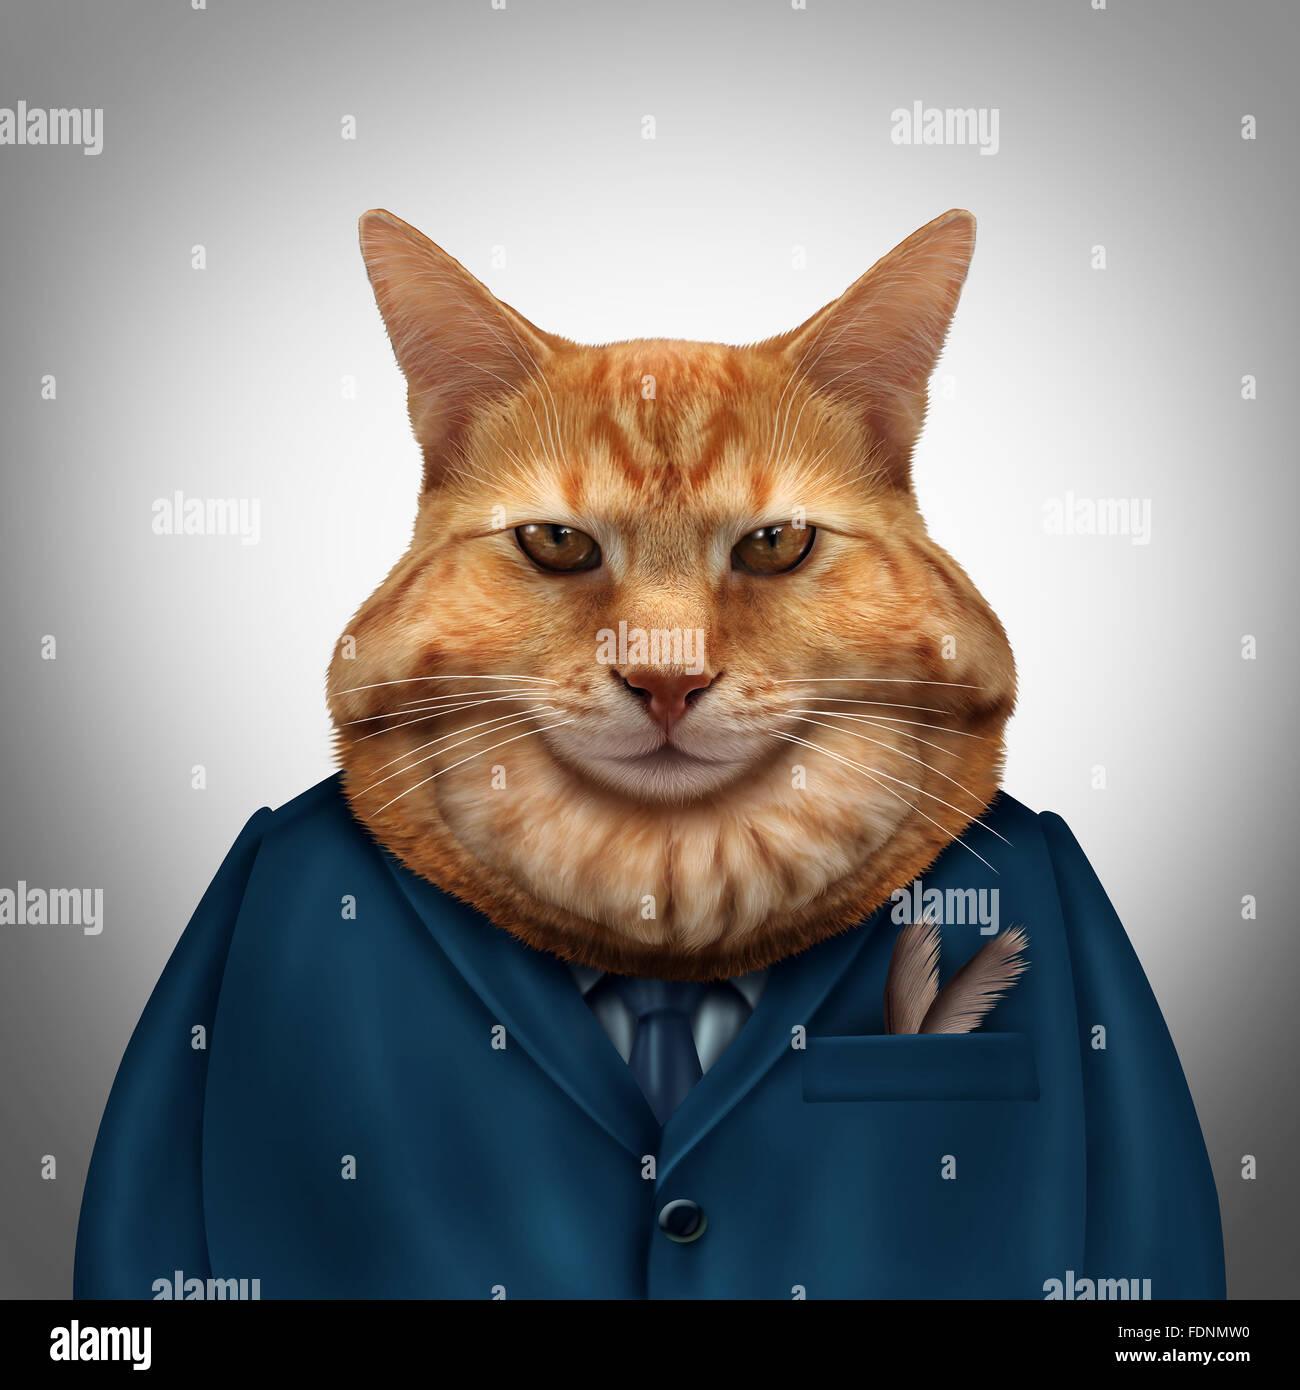 Business fat cat carattere come un felino tycoon imprenditore carattere come un simbolo per un benestante boss o Immagini Stock